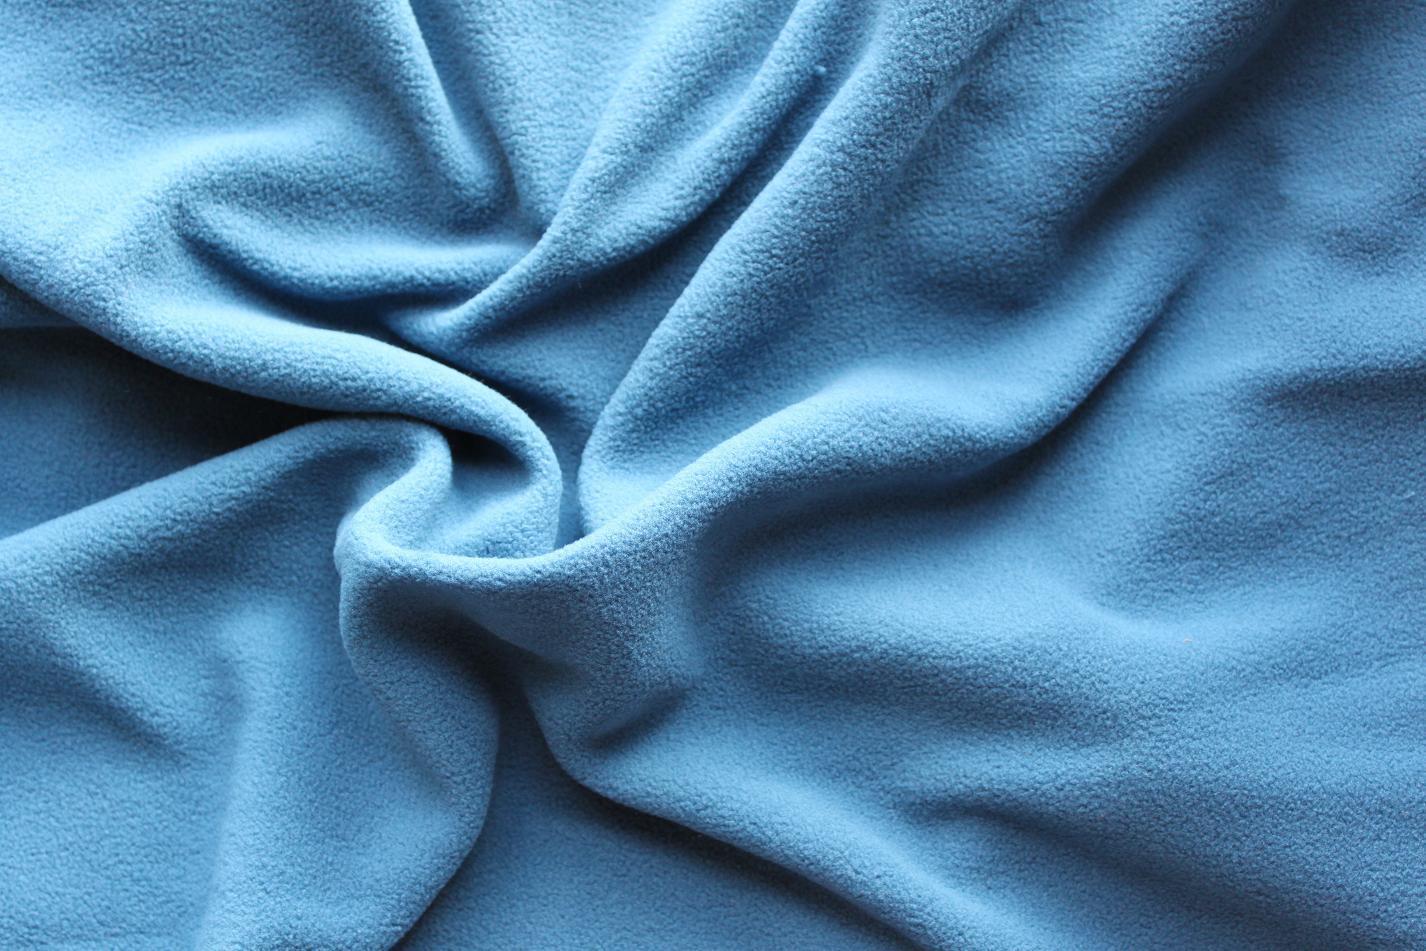 China polar fleece fabric hs02042 photos pictures for Fleece fabric